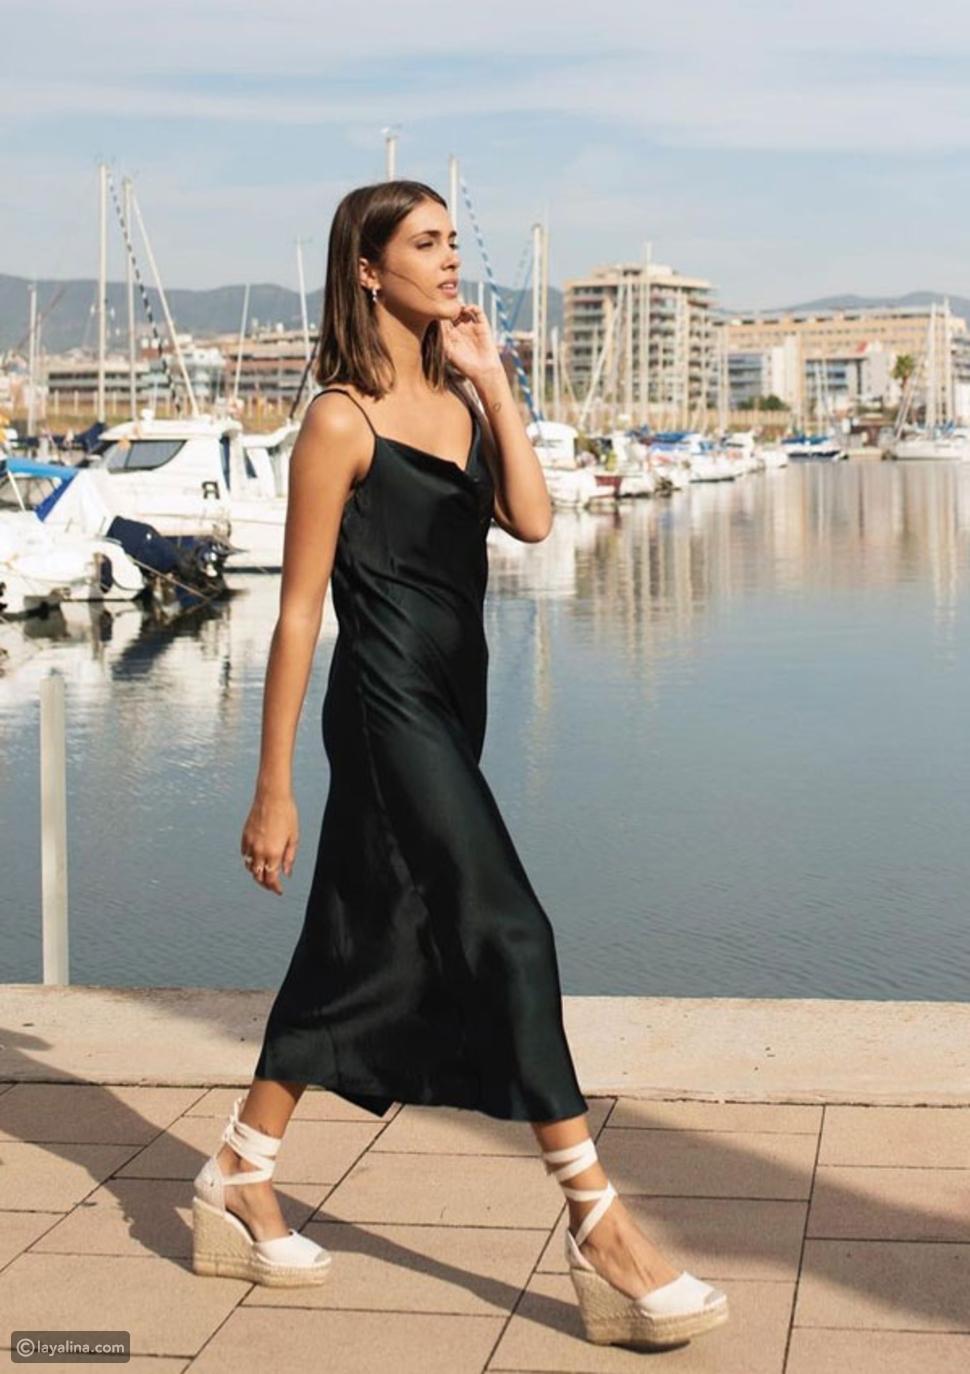 فستان سهل الارتداء مع أحذية الإسبادريل بيضاء:مزيج من النساء الباريسيات